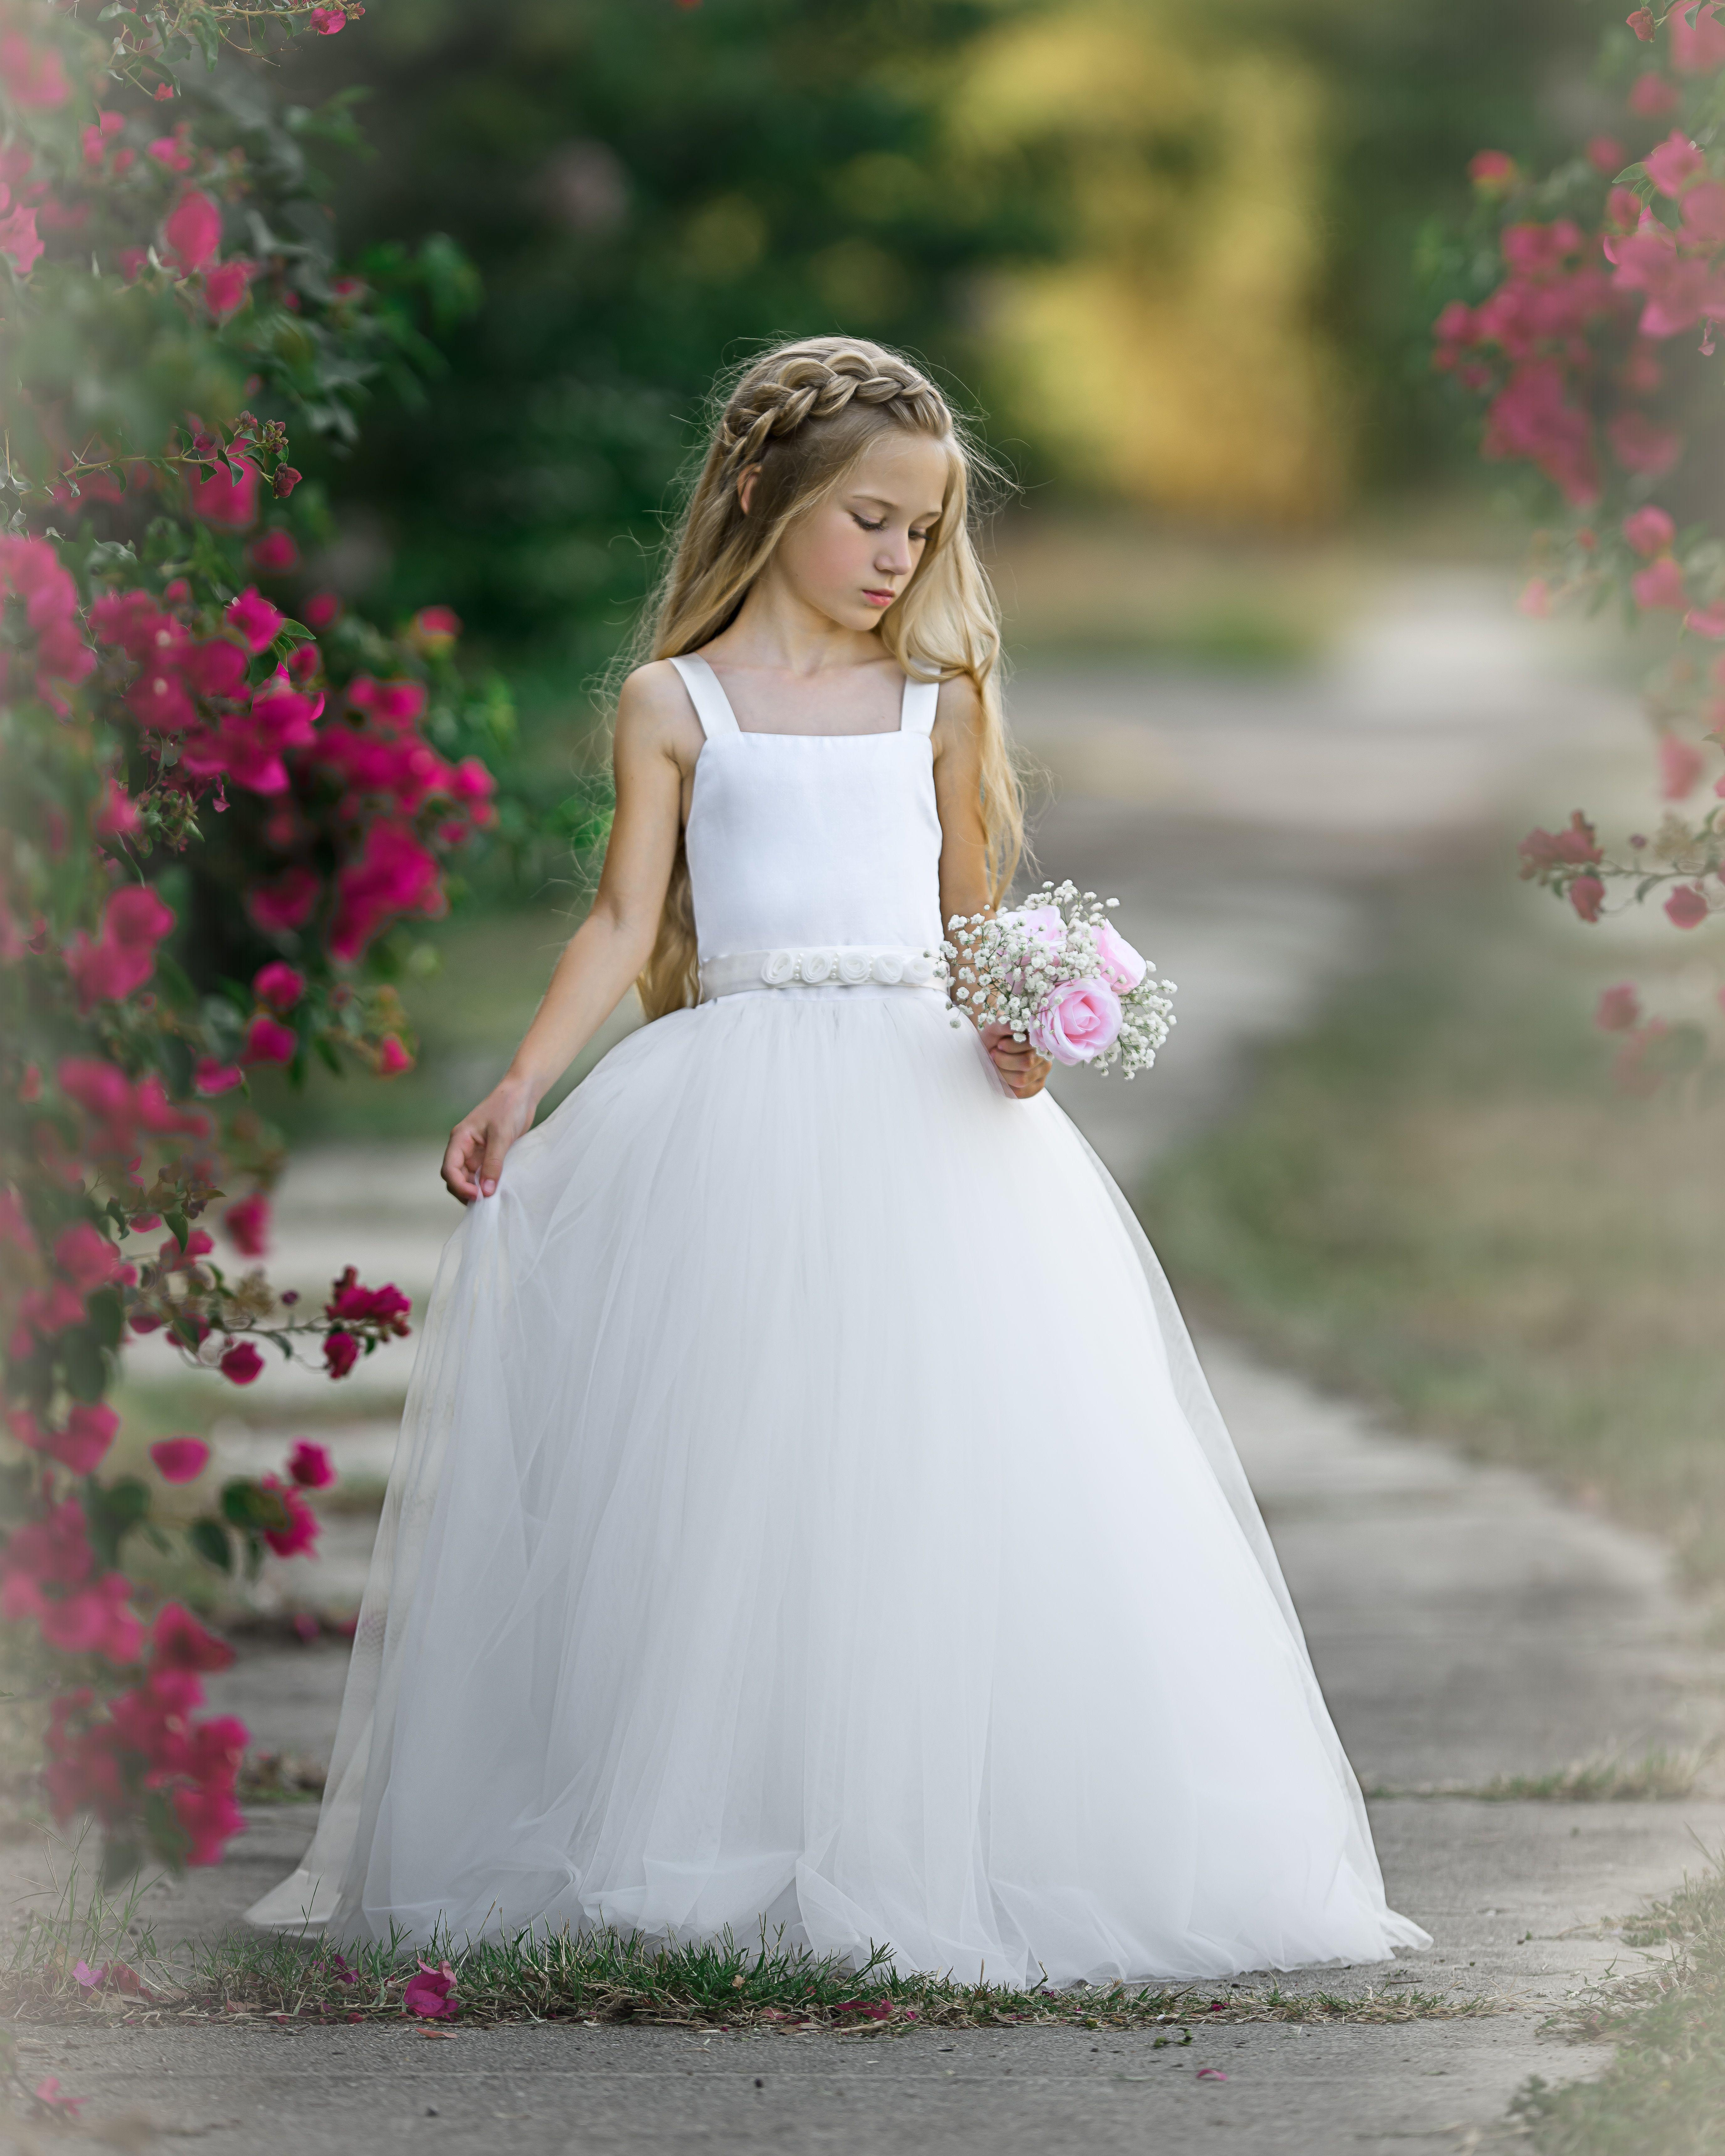 A Hint Of White Frock Dollcake White Frock Flower Girl Dresses Dresses Kids Girl [ 6880 x 5504 Pixel ]